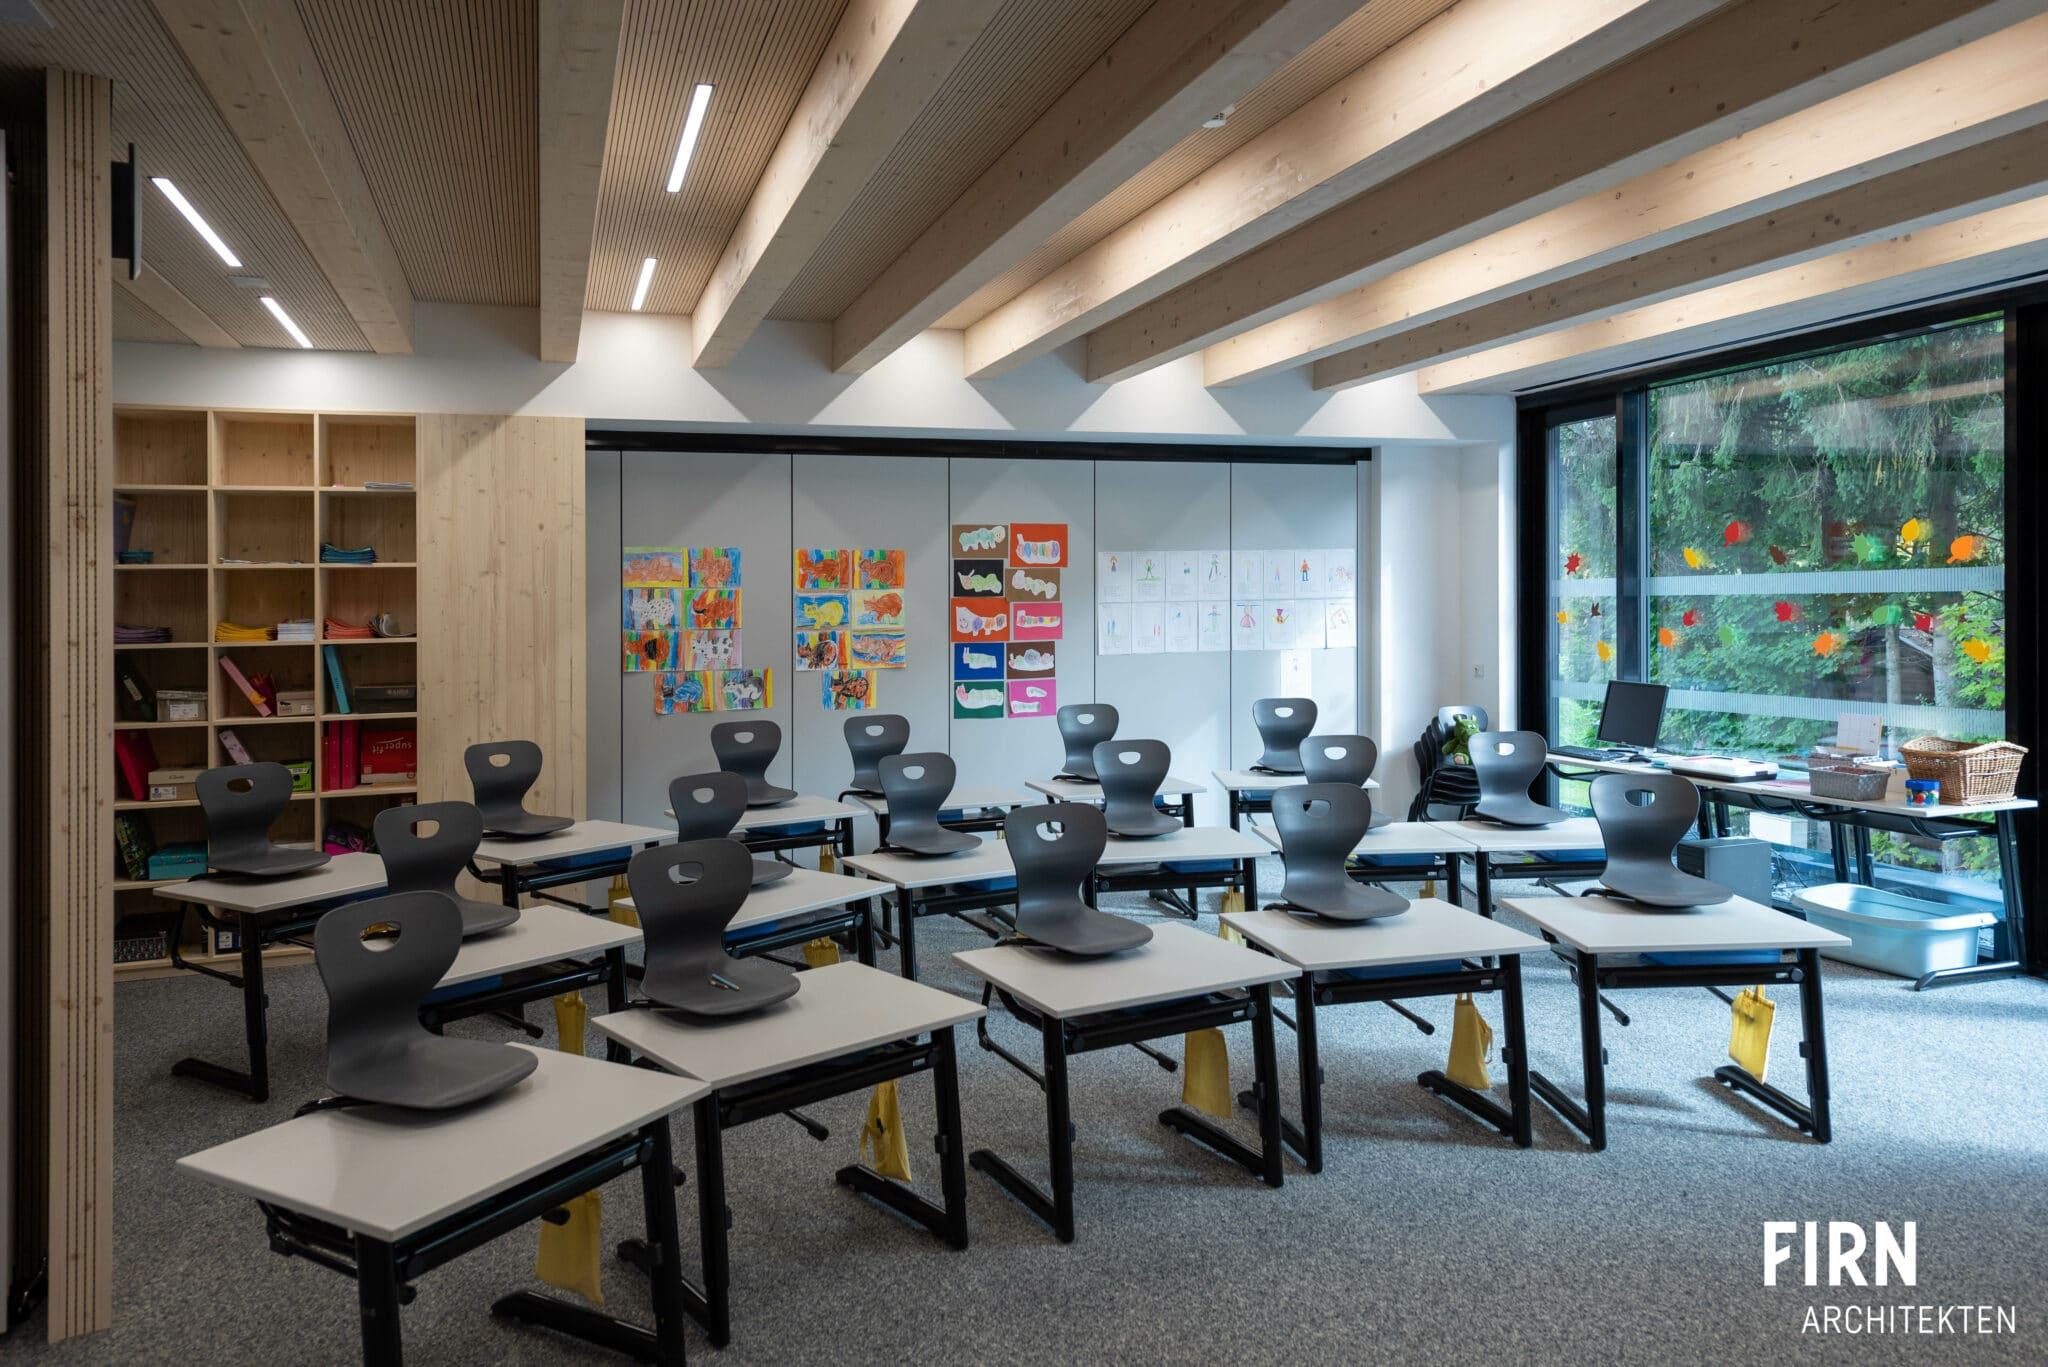 Bildungszentrum Going 20 scaled